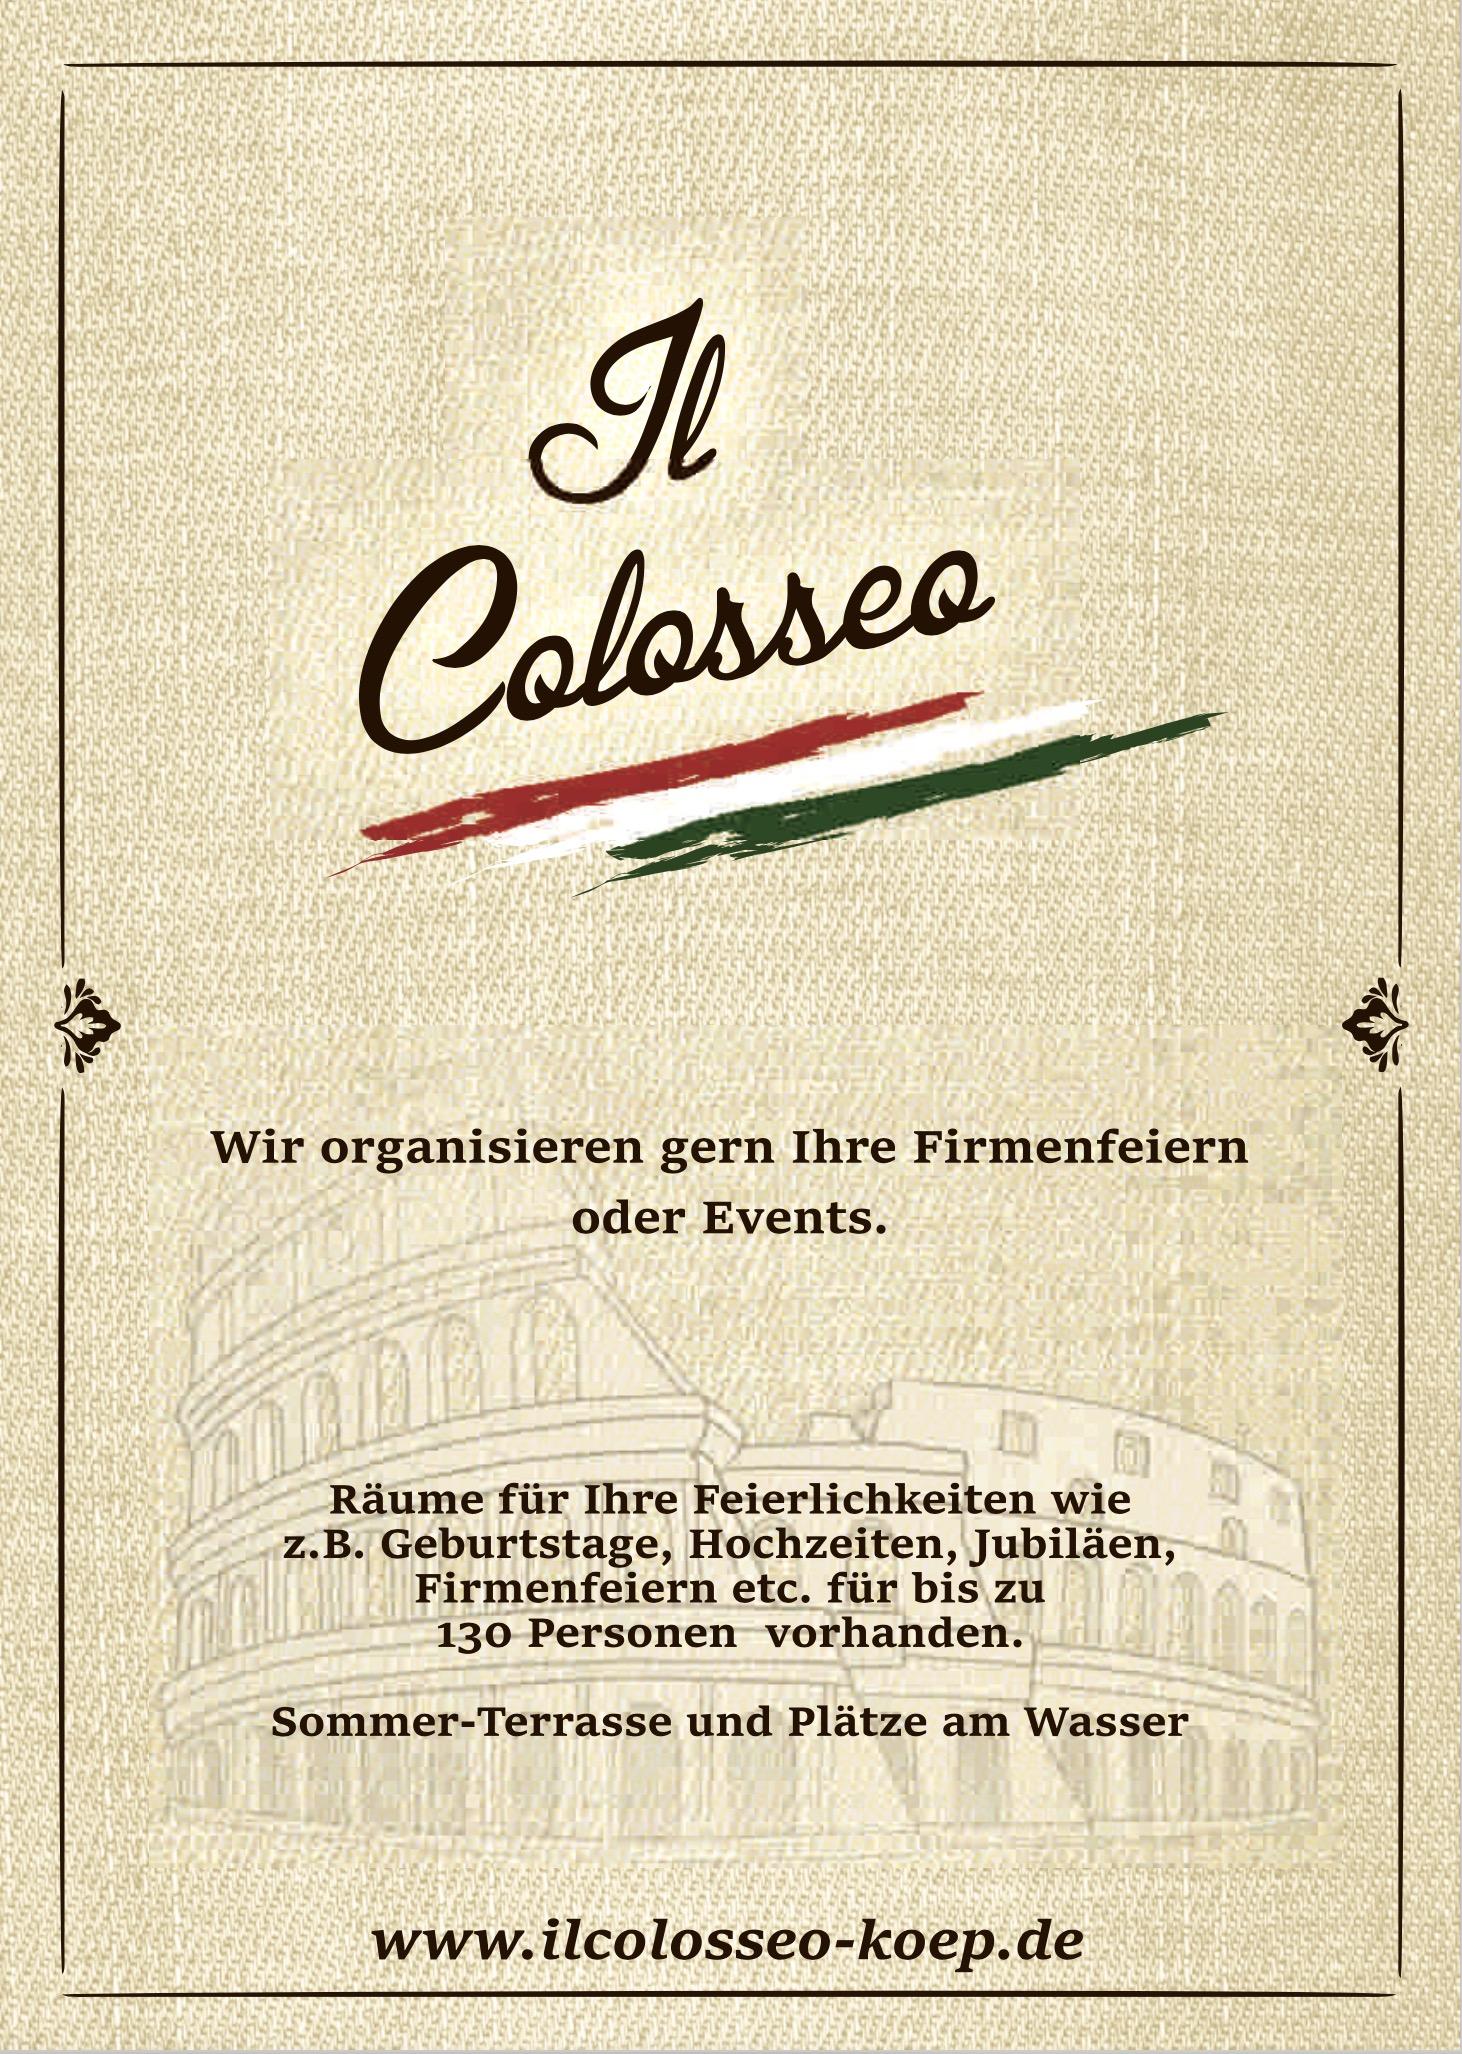 Il Colosseo im Hotel am Schloß Treptow Köpenick 12555 Berlin Grünauer Str Ristorante und Pizzeria Italienisches Restaurant italienisch küche Pizza 115